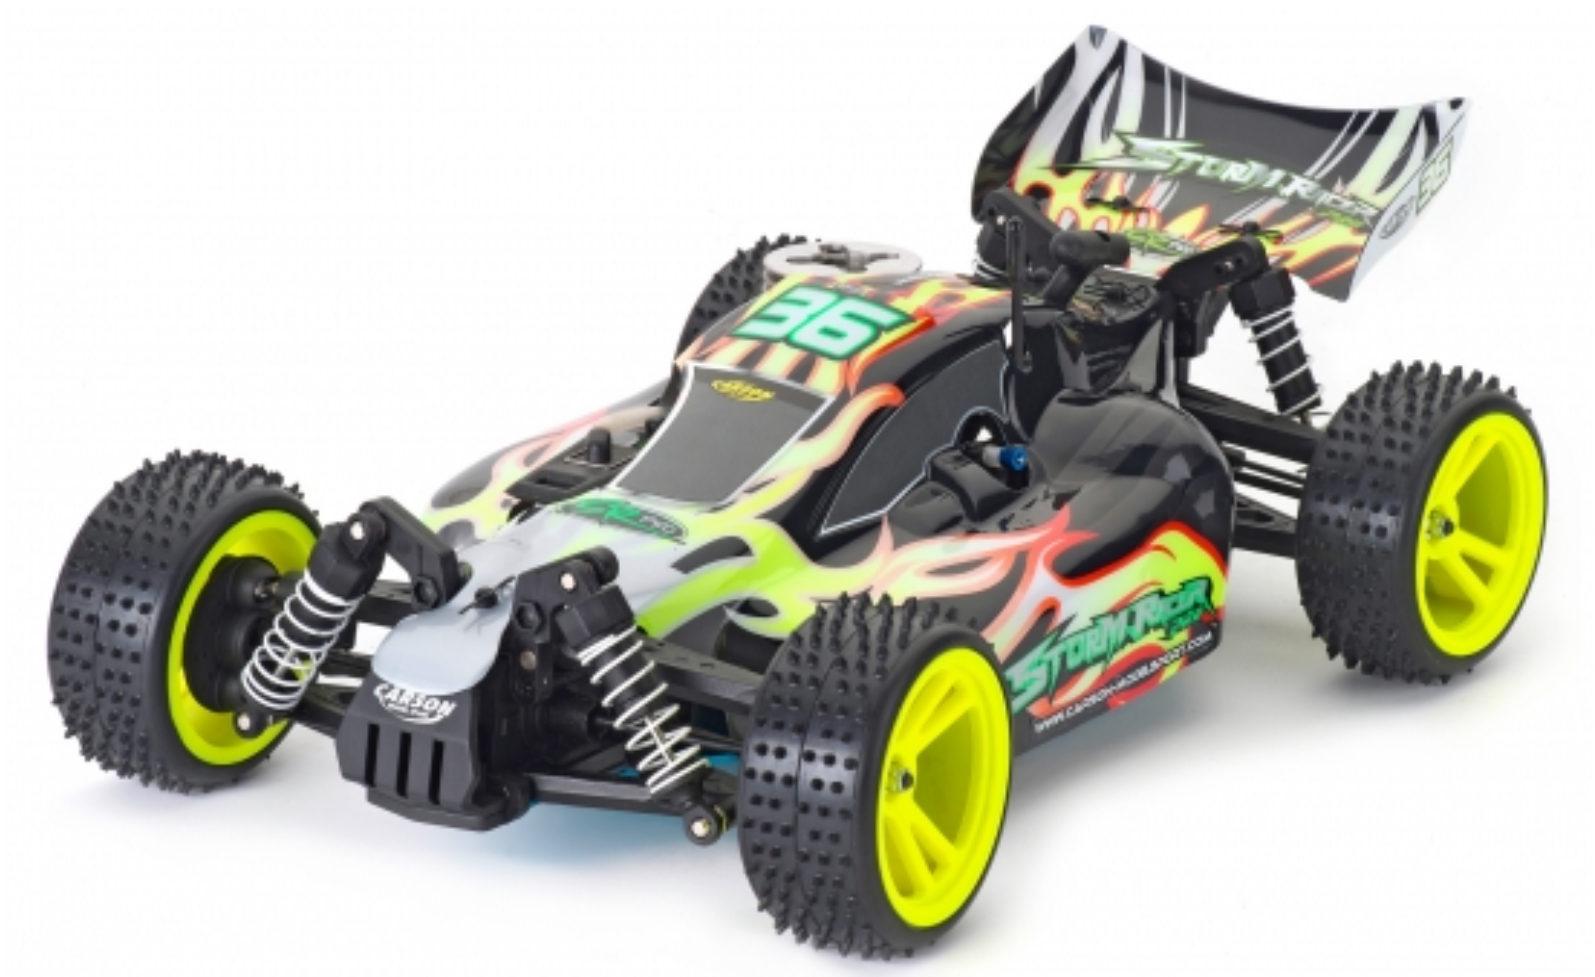 carson stormracer exreme pro rtr rc car 1 10 103020. Black Bedroom Furniture Sets. Home Design Ideas